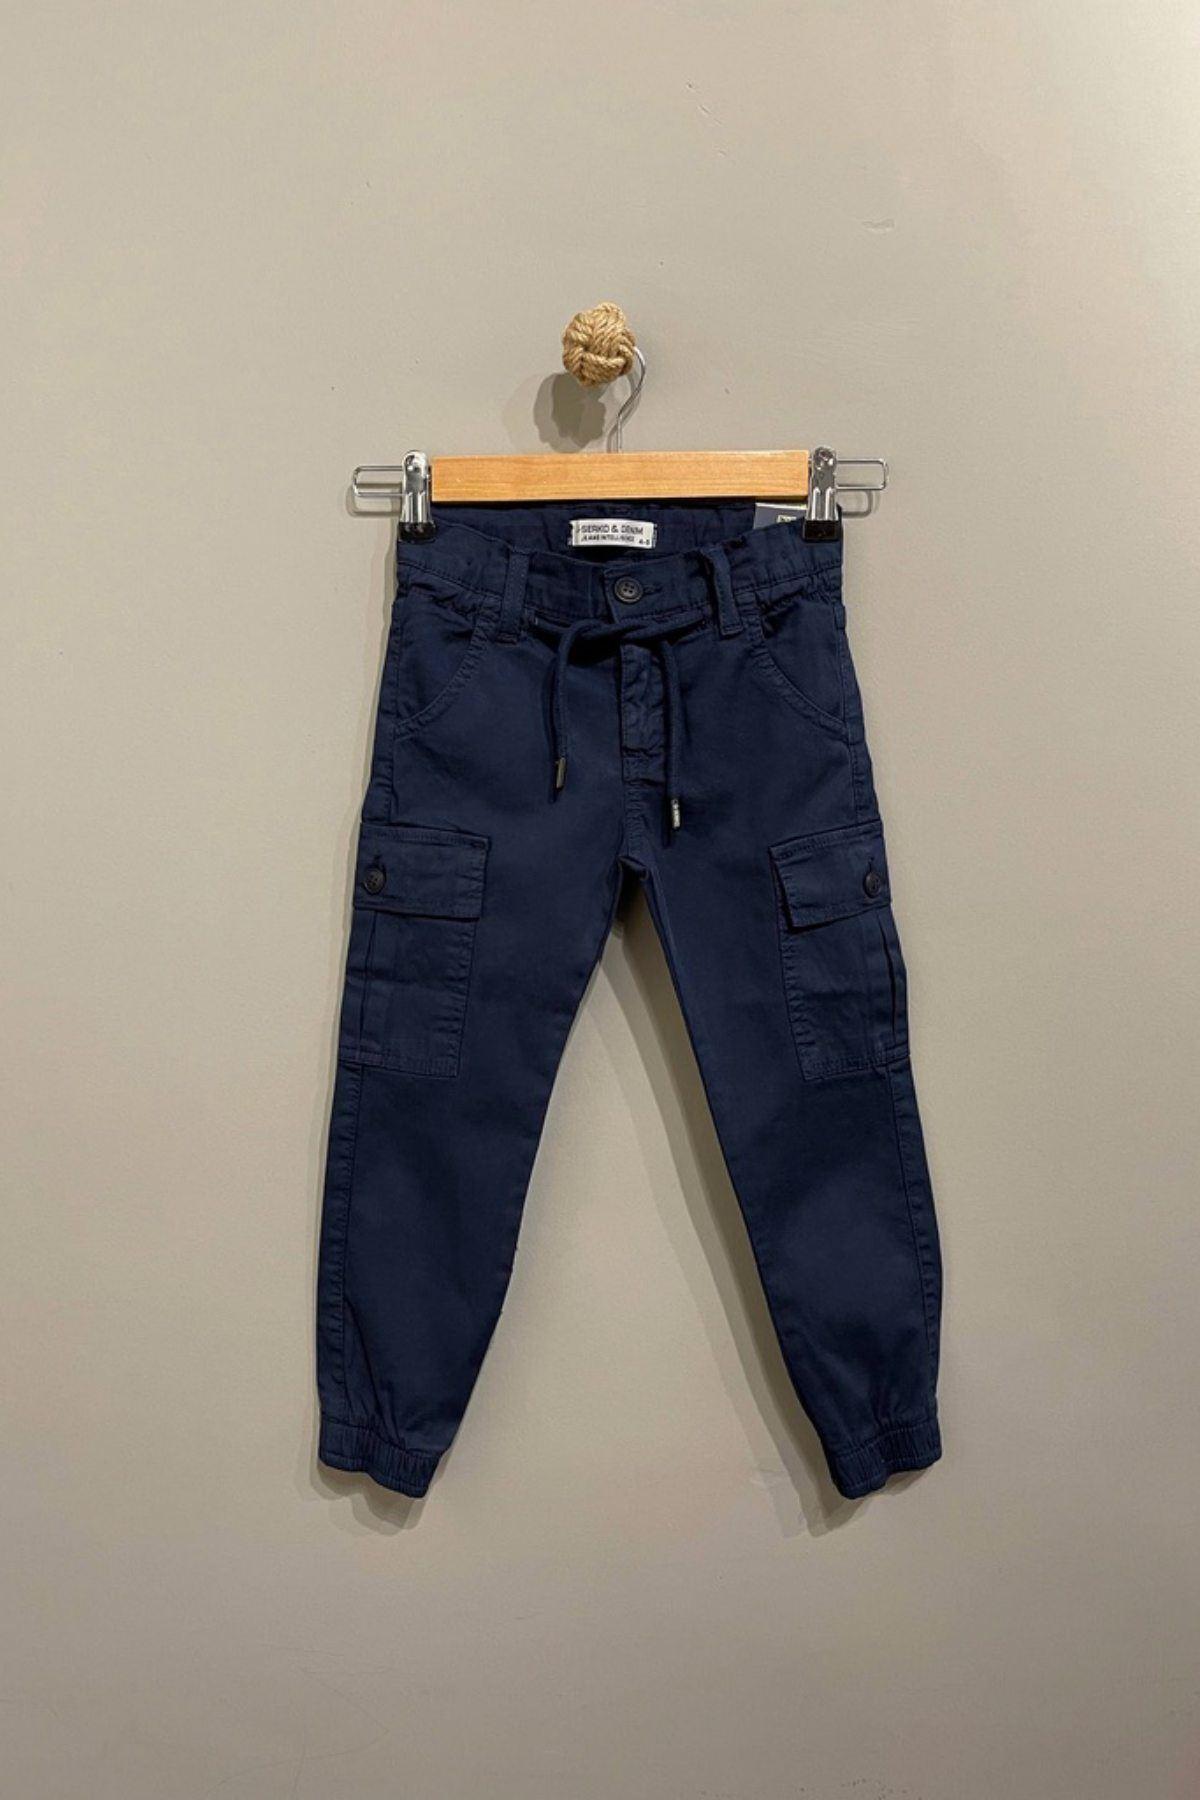 Kargo Cep Detaylı Erkek Çocuk Pantolon- Laci